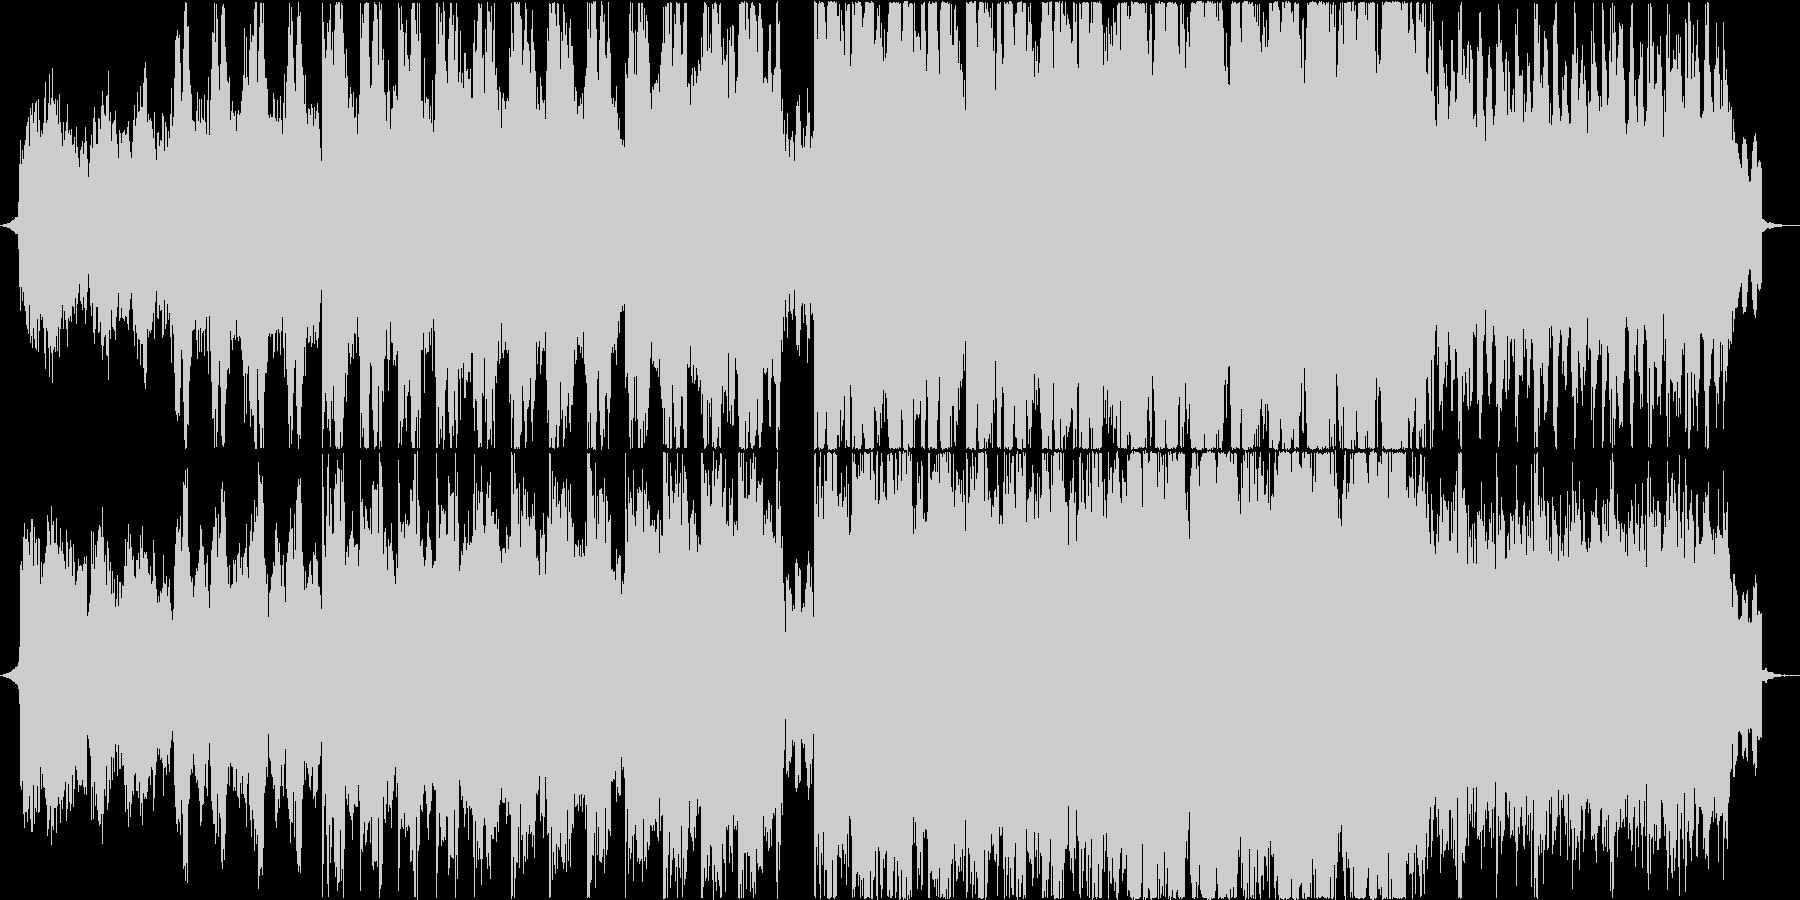 アジアンテイストな楽曲ですの未再生の波形